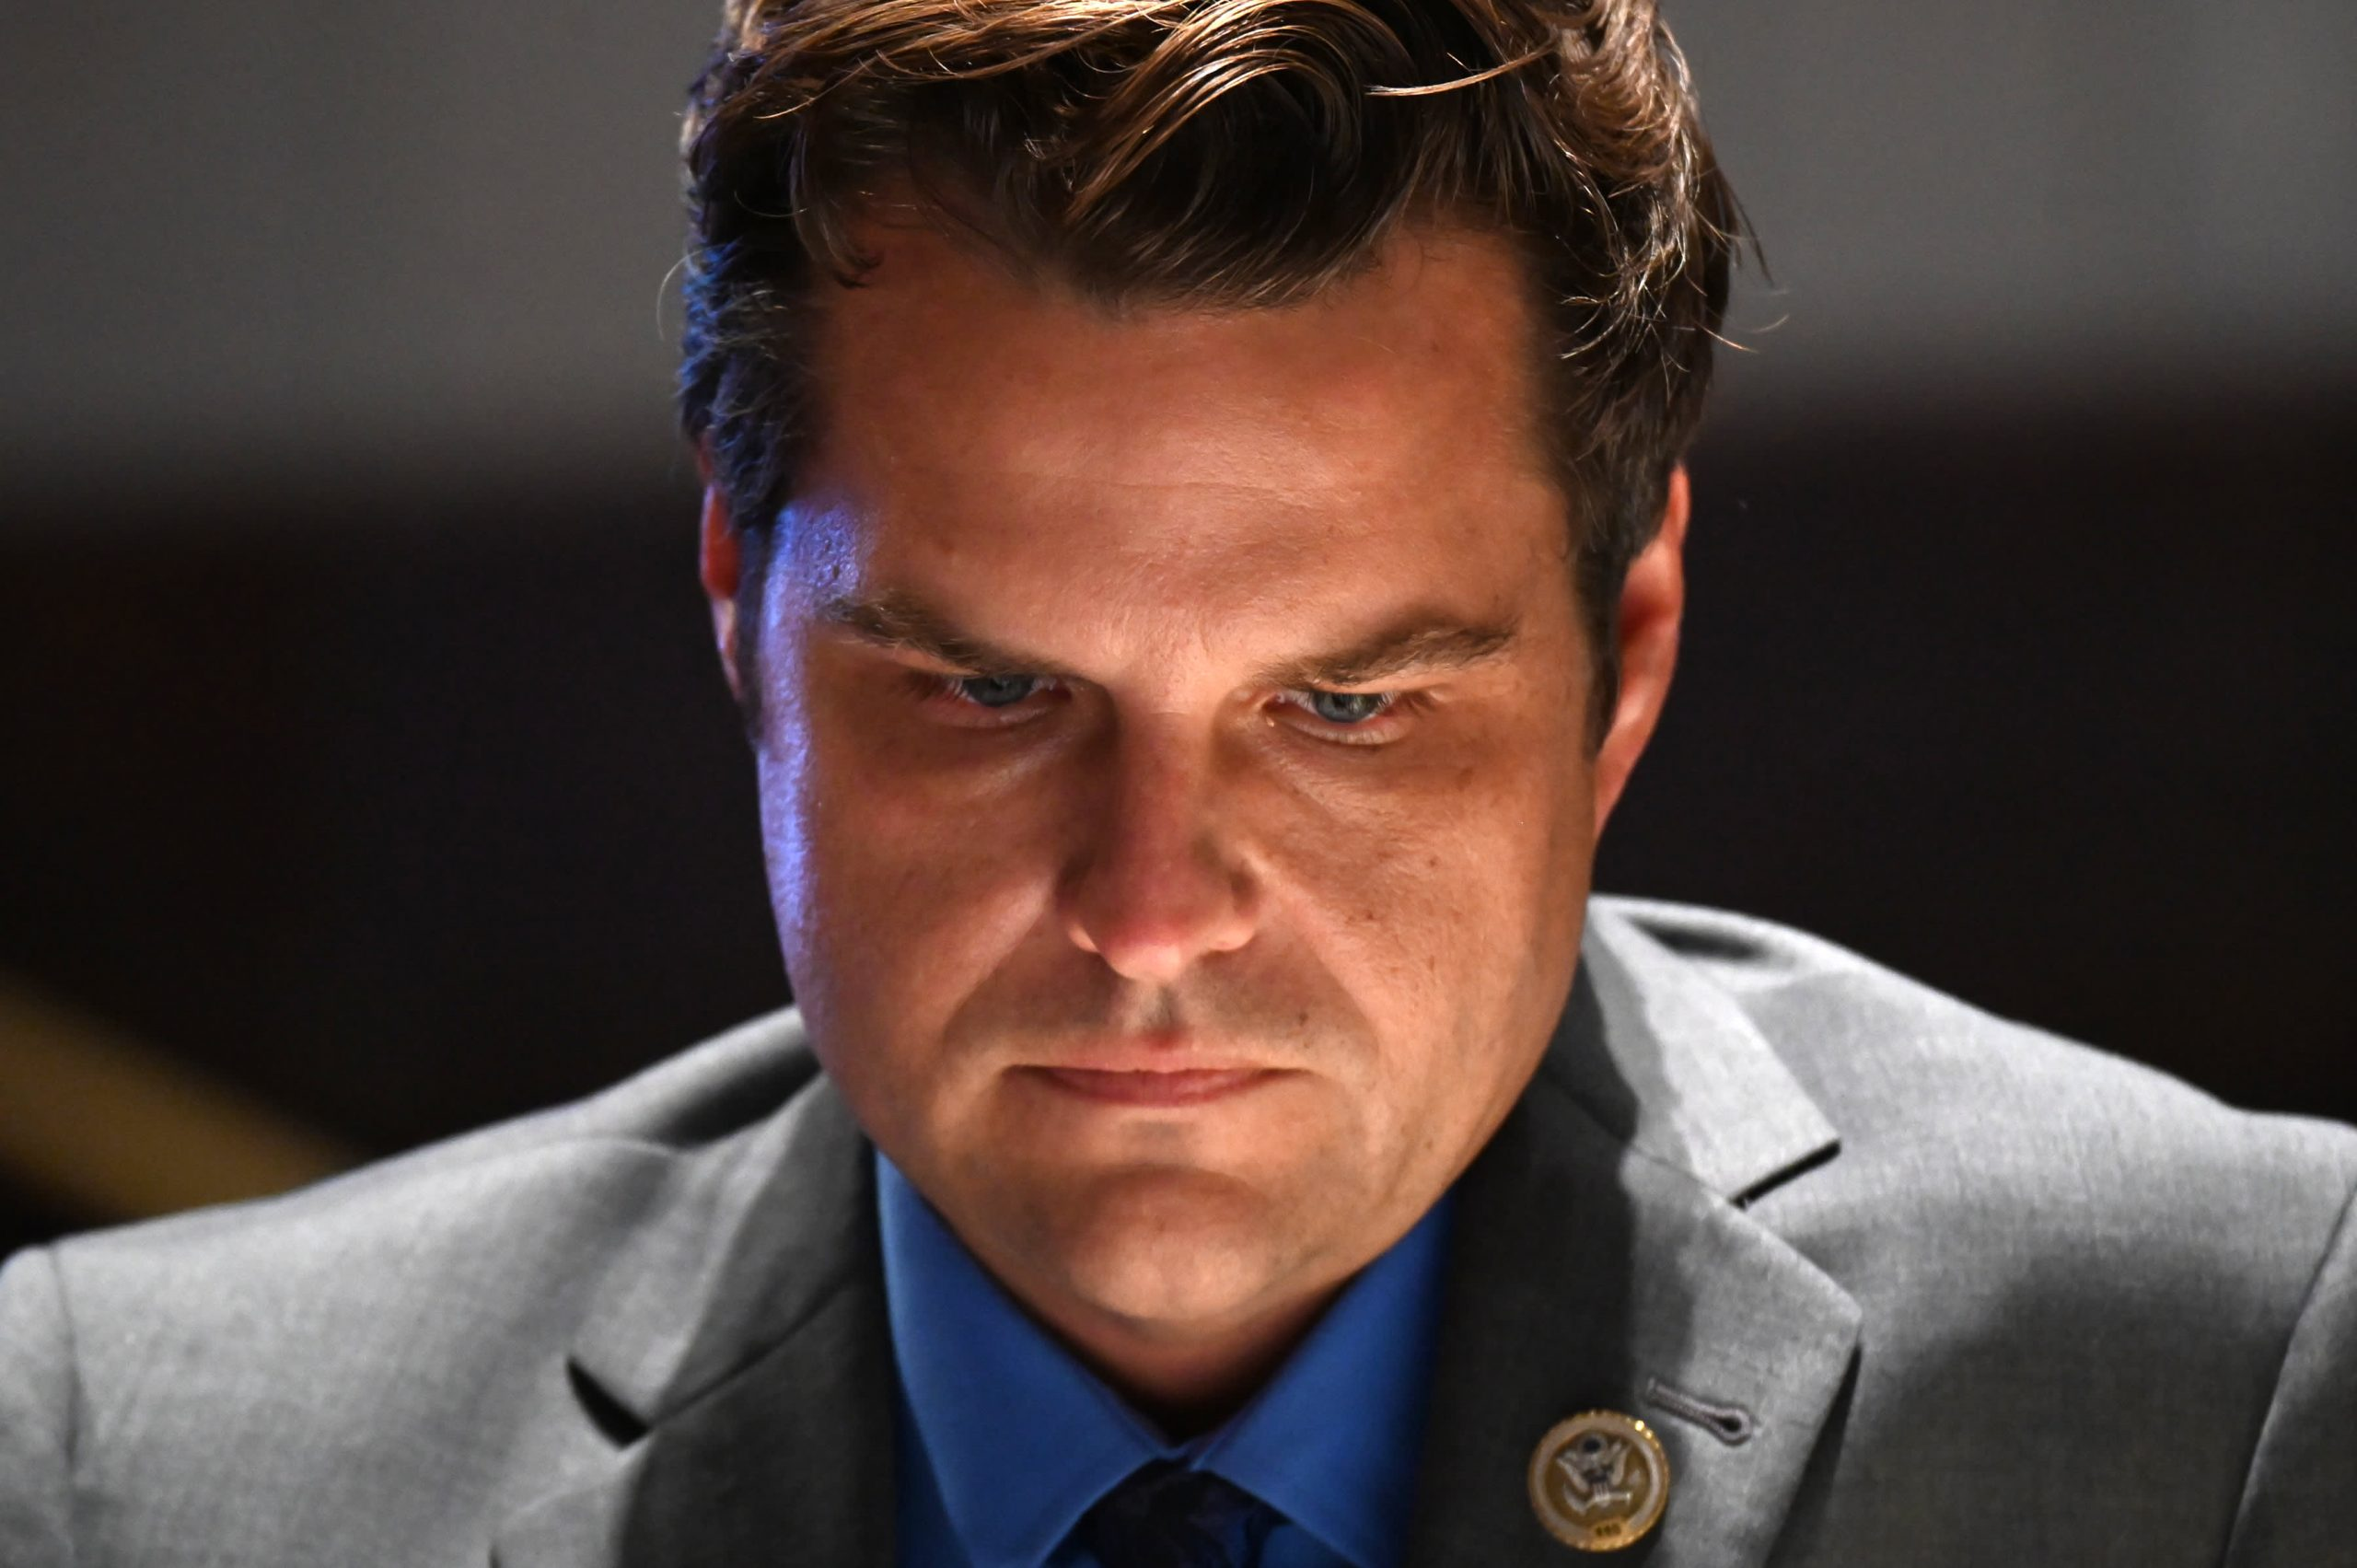 El representante Matt Gaetz bajo investigación por posible obstrucción a la justicia en una investigación sexual